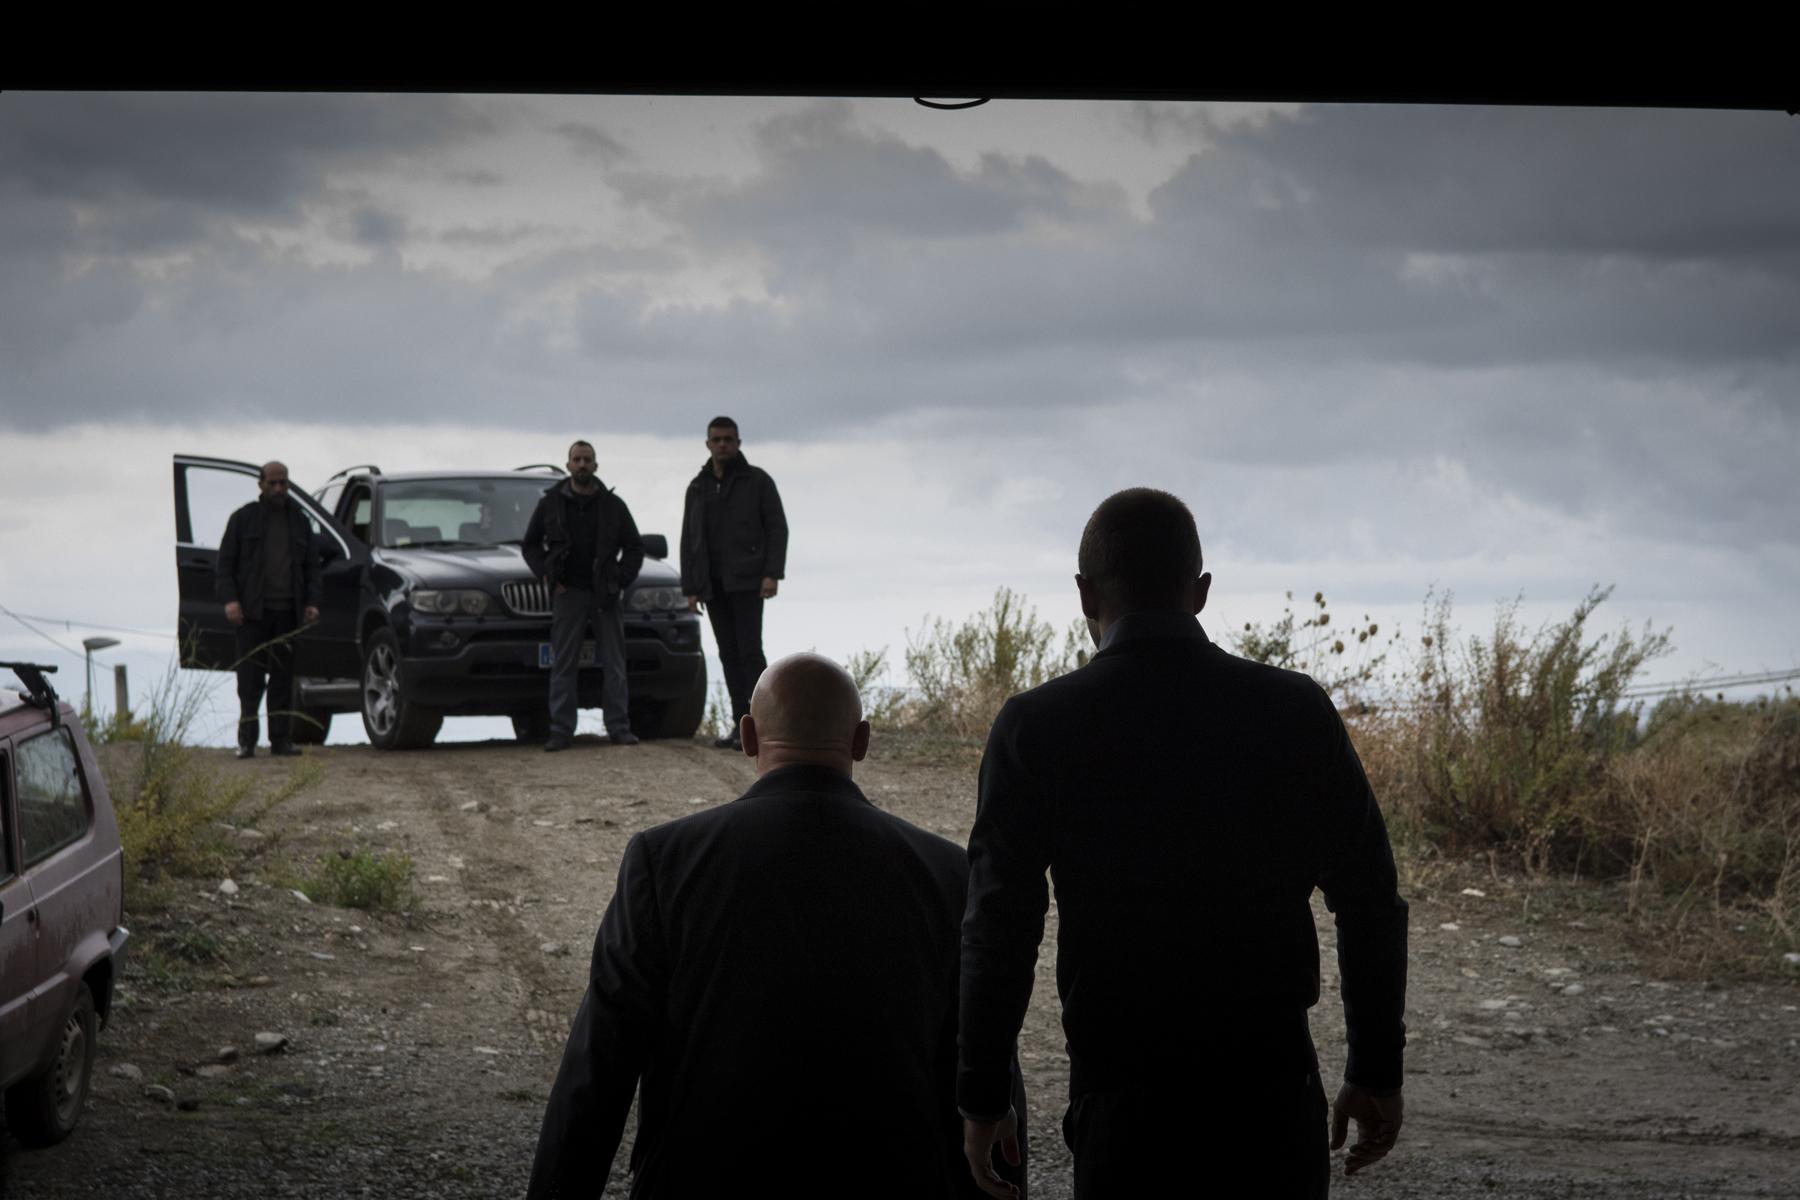 Anime nere: una scena del film